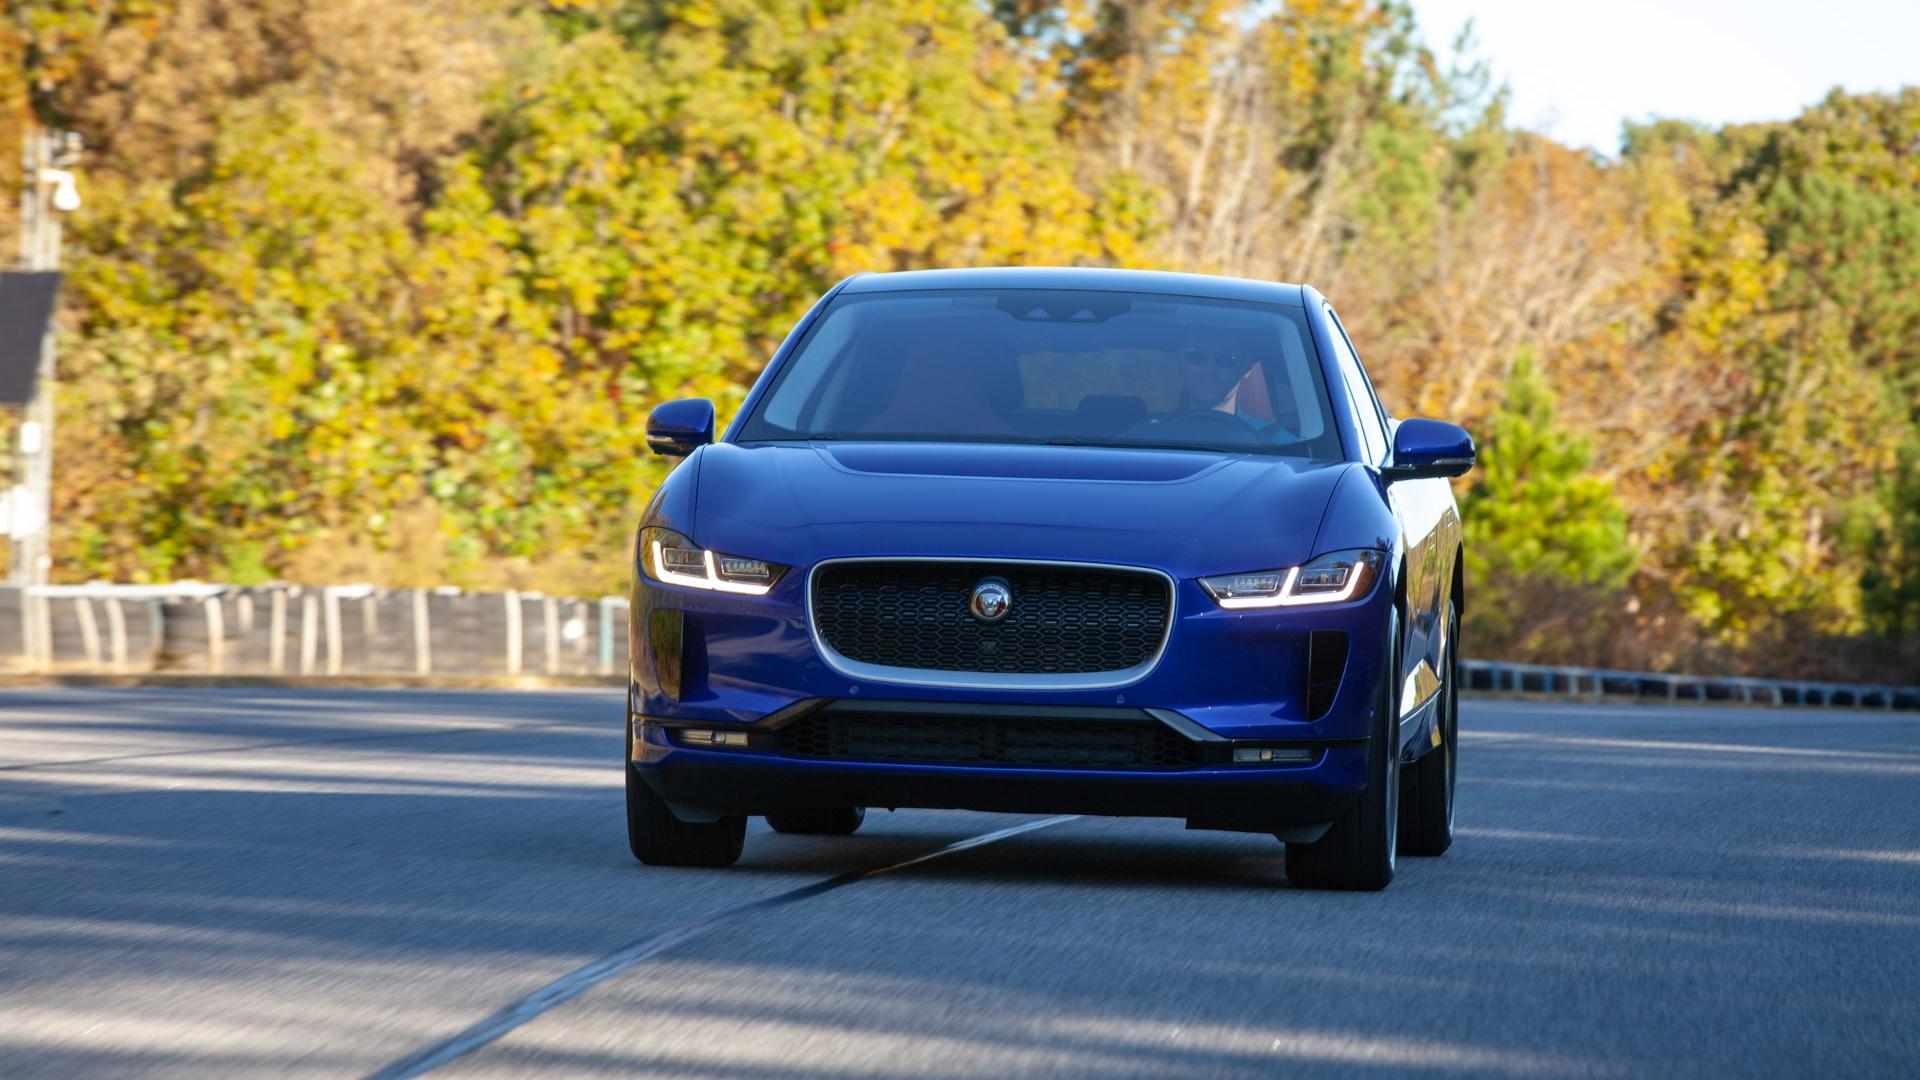 Jaguar News - Green Car Photos, News, Reviews, and Insights